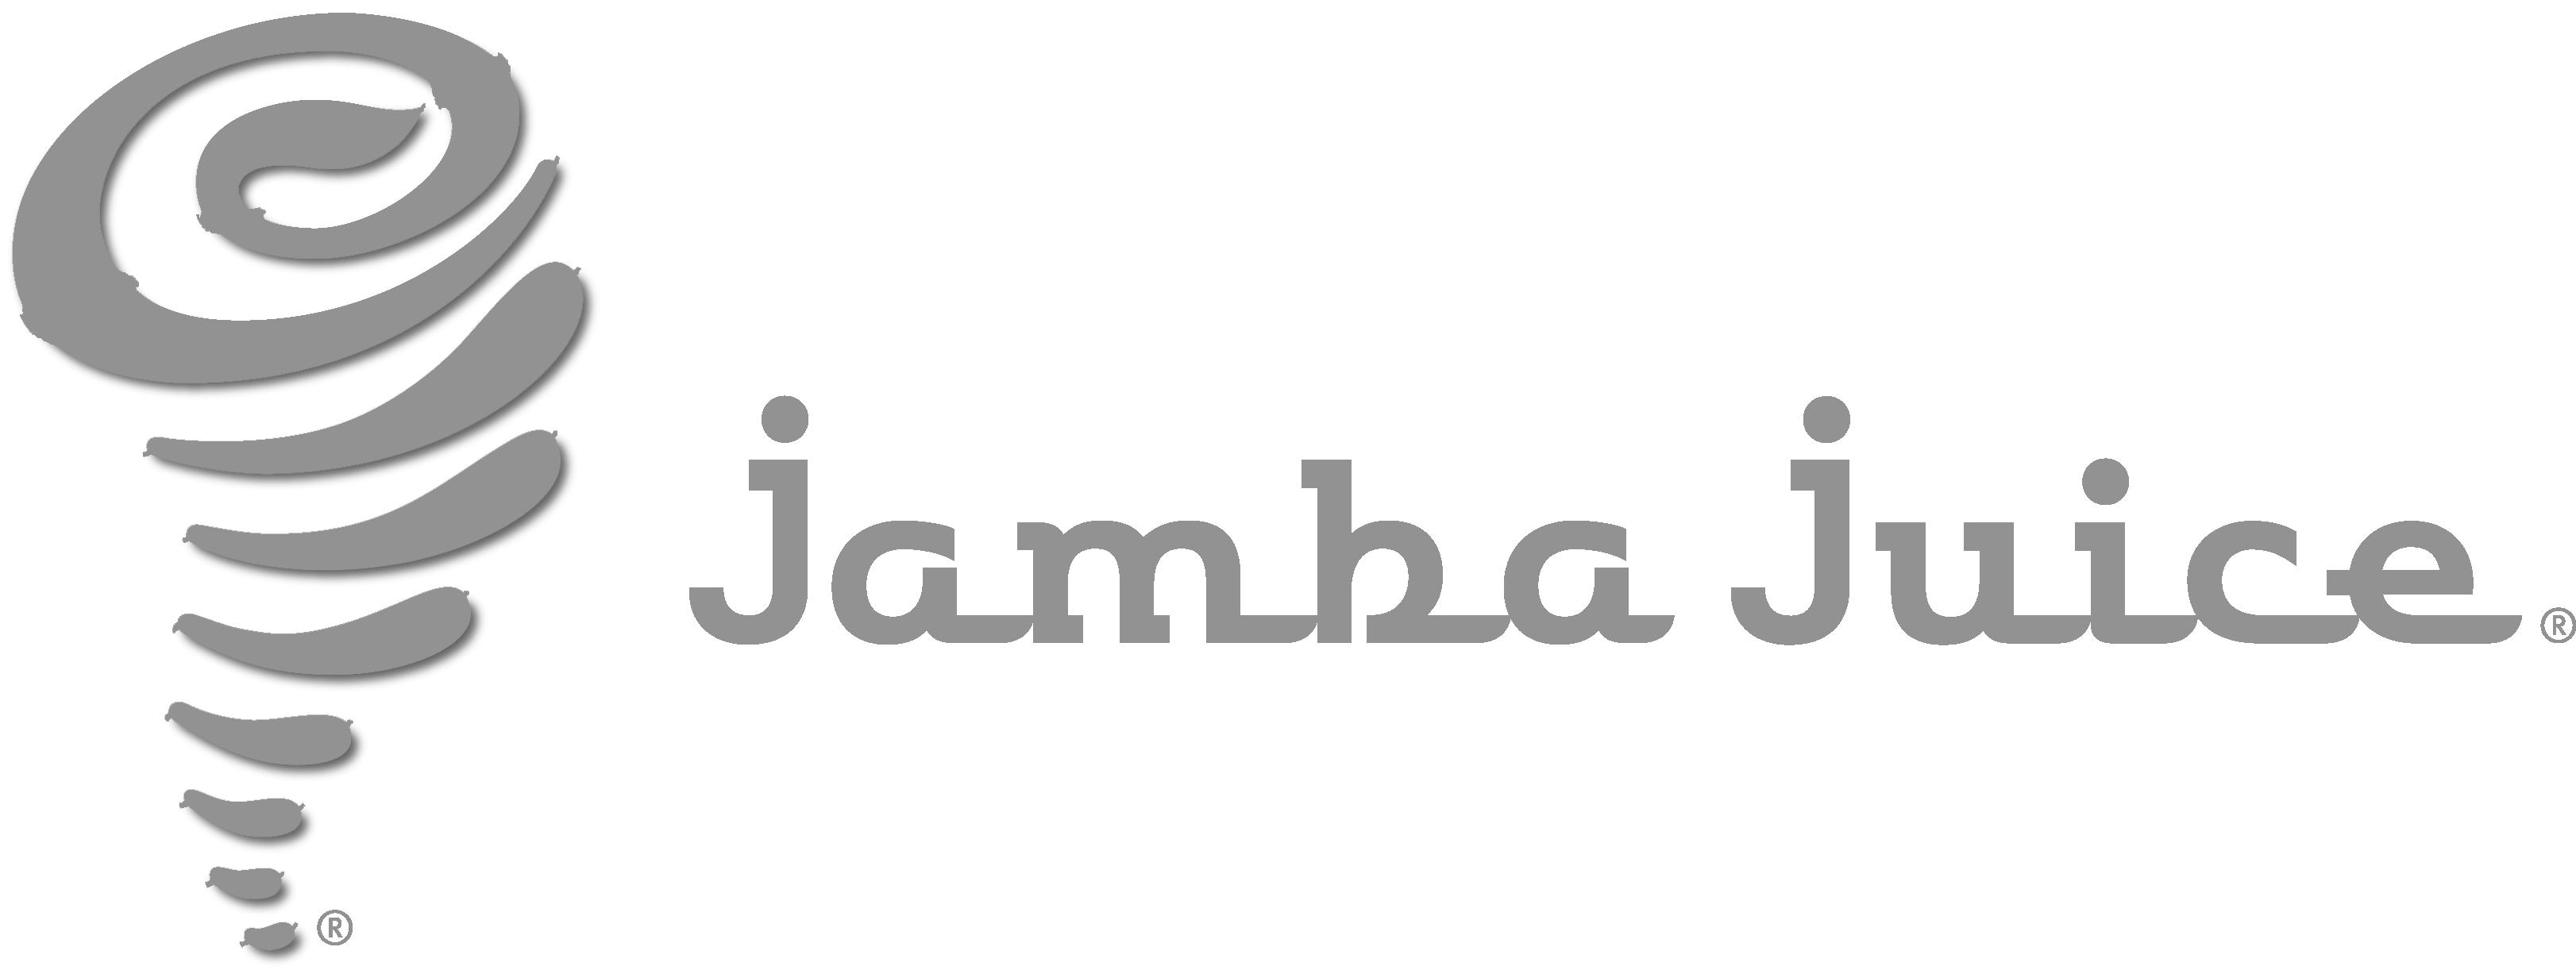 Jamba Juice's facilities management software